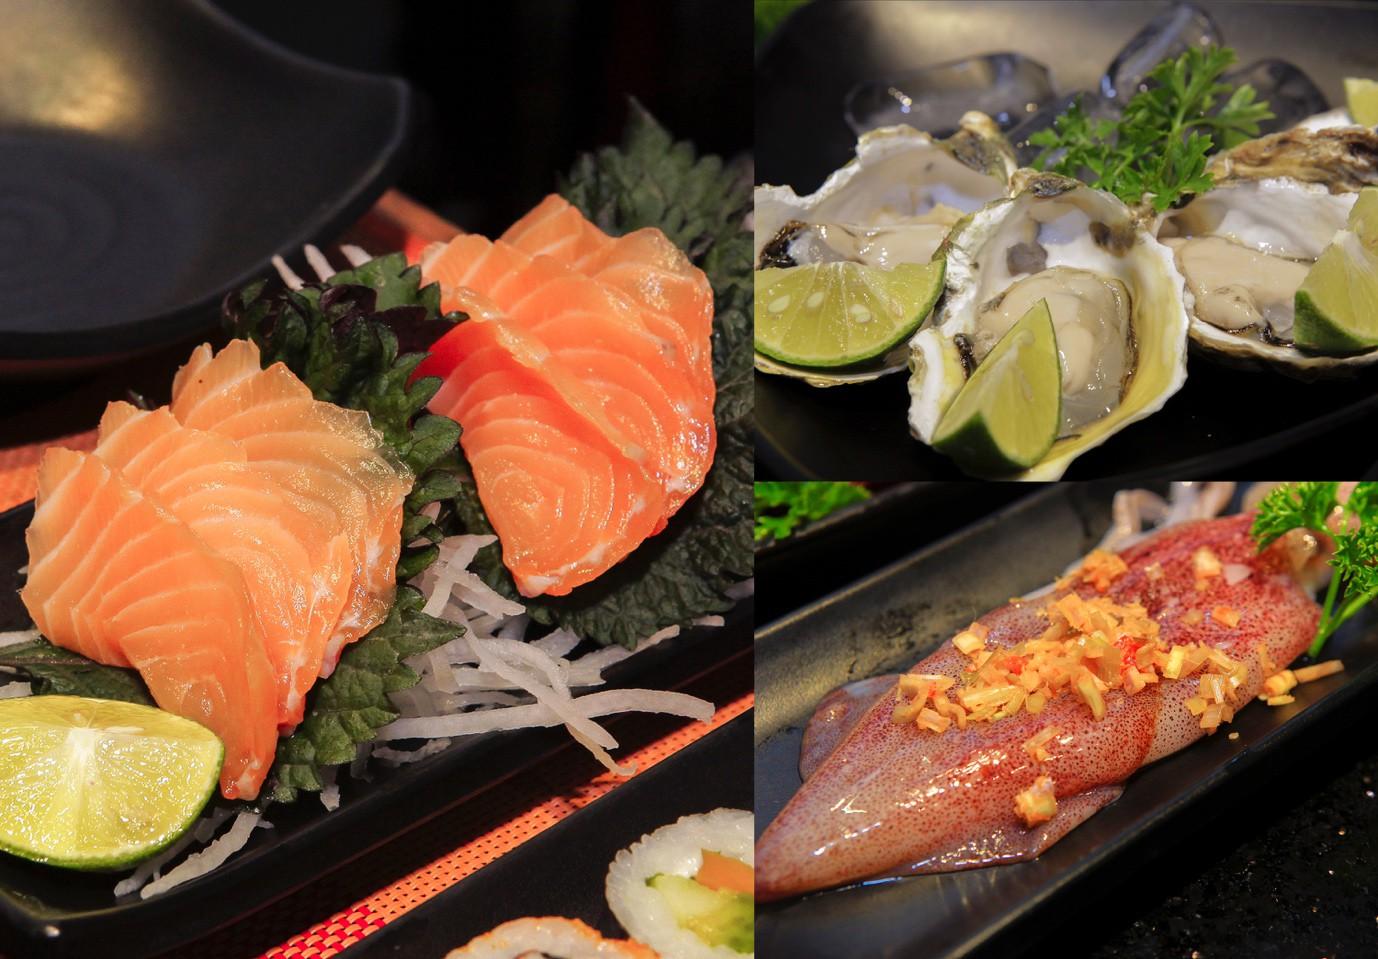 Hot hơn cả mùa hè Hà Nội – buffet lẩu nướng hơn 50 món tại HotnTasty đang giảm 50% người thứ 2 - Ảnh 2.